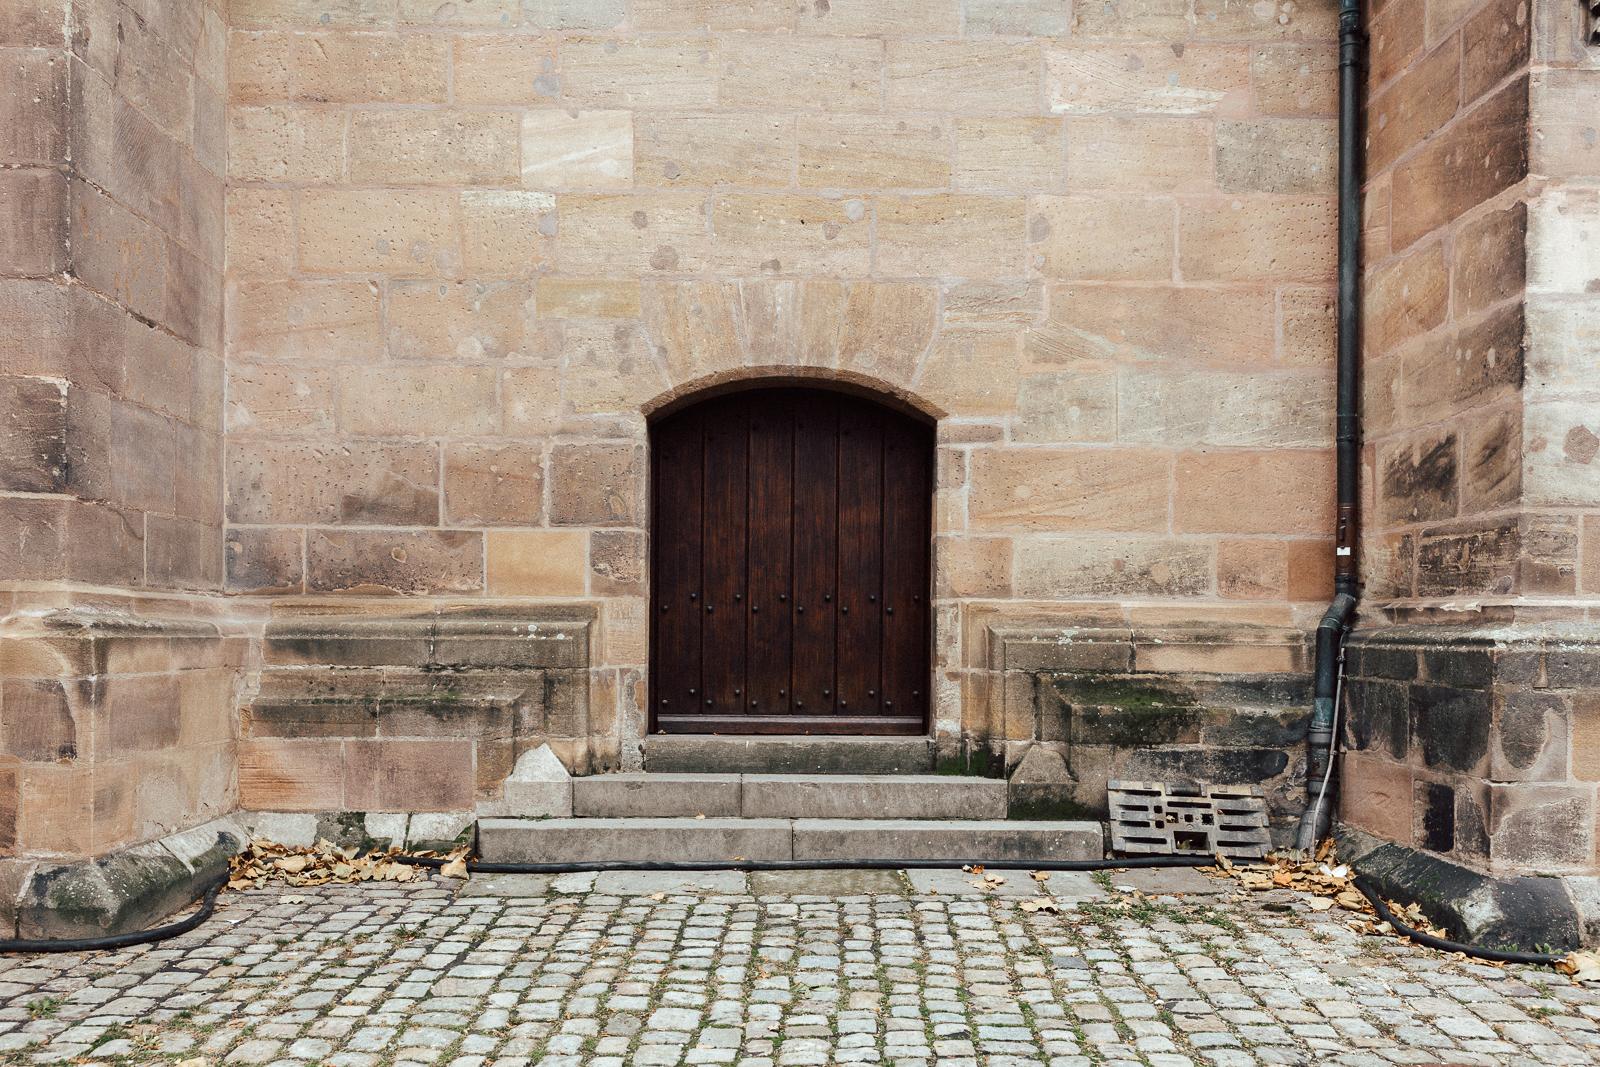 URBANERIE_Daniela_Goth_Fotografin_Nürnberg_Fürth_Erlangen_Schwabach_171110_001_0020